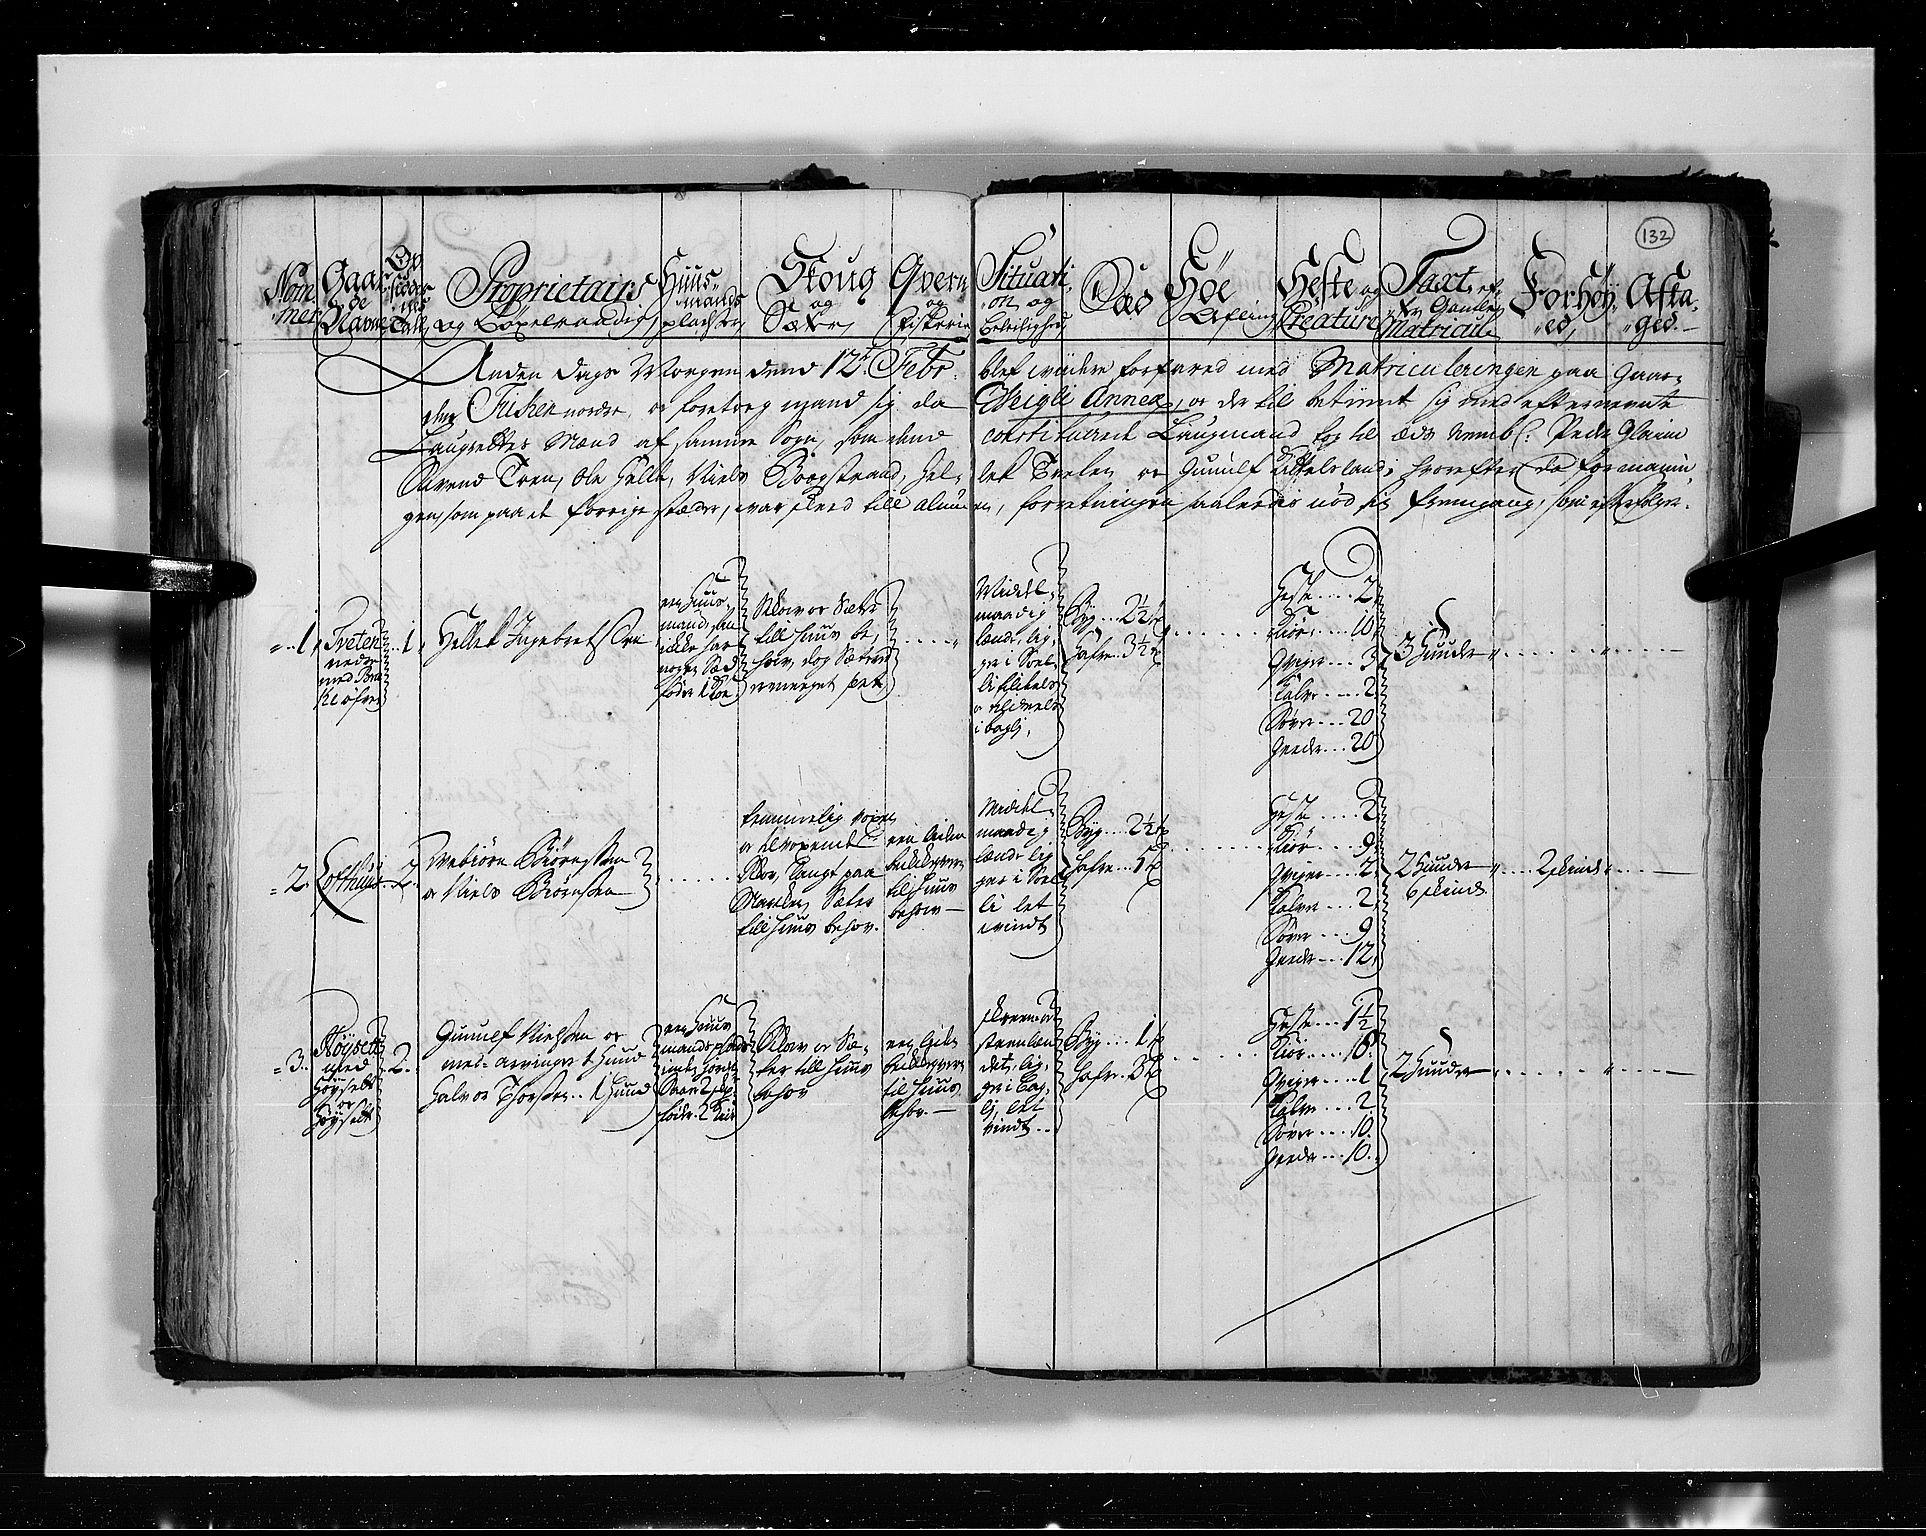 RA, Rentekammeret inntil 1814, Realistisk ordnet avdeling, N/Nb/Nbf/L0113: Numedal og Sandsvær eksaminasjonsprotokoll, 1723, s. 131b-132a